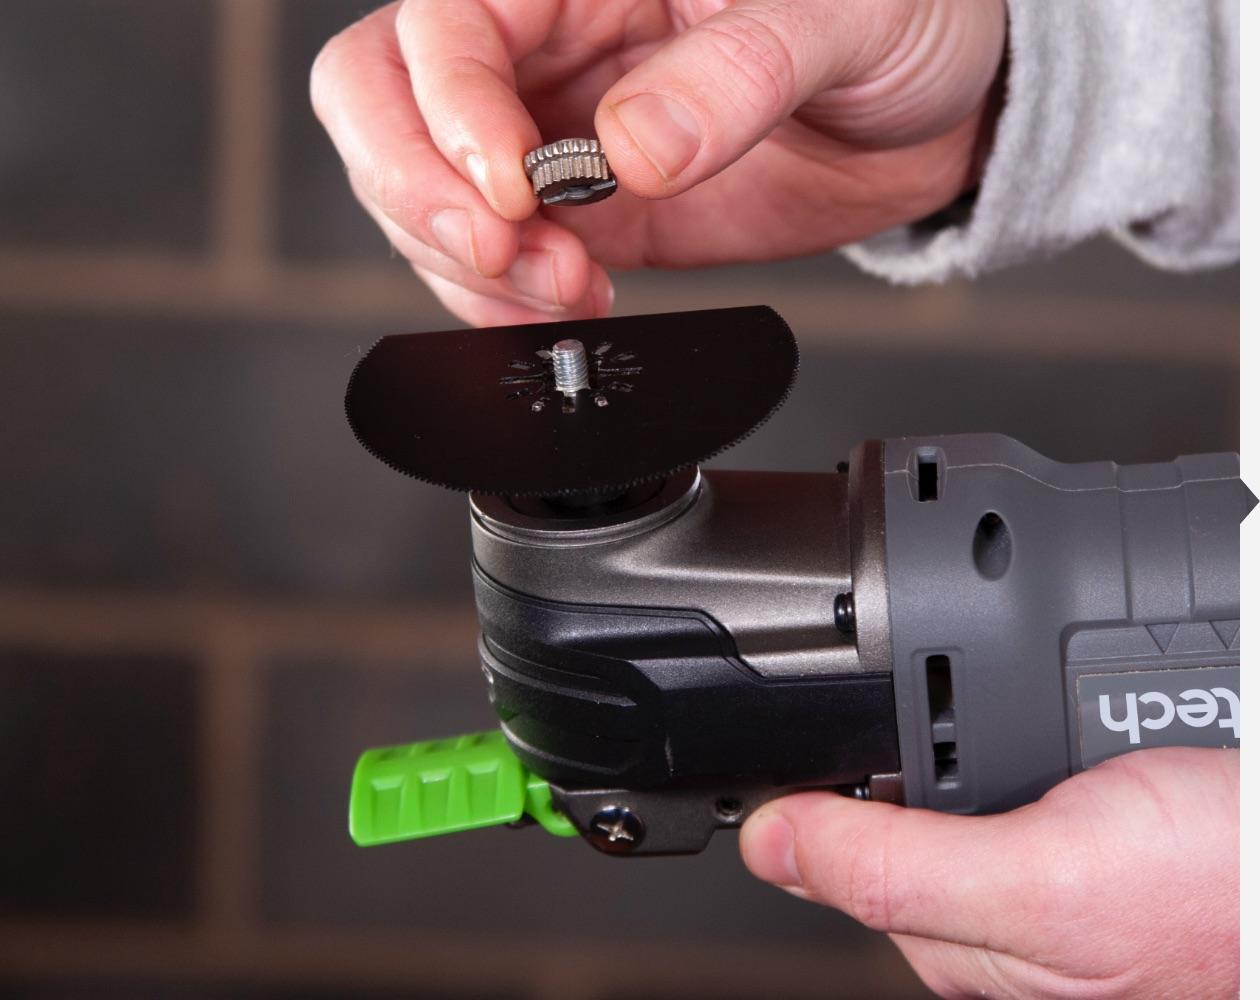 Cordless multi-tool attachments